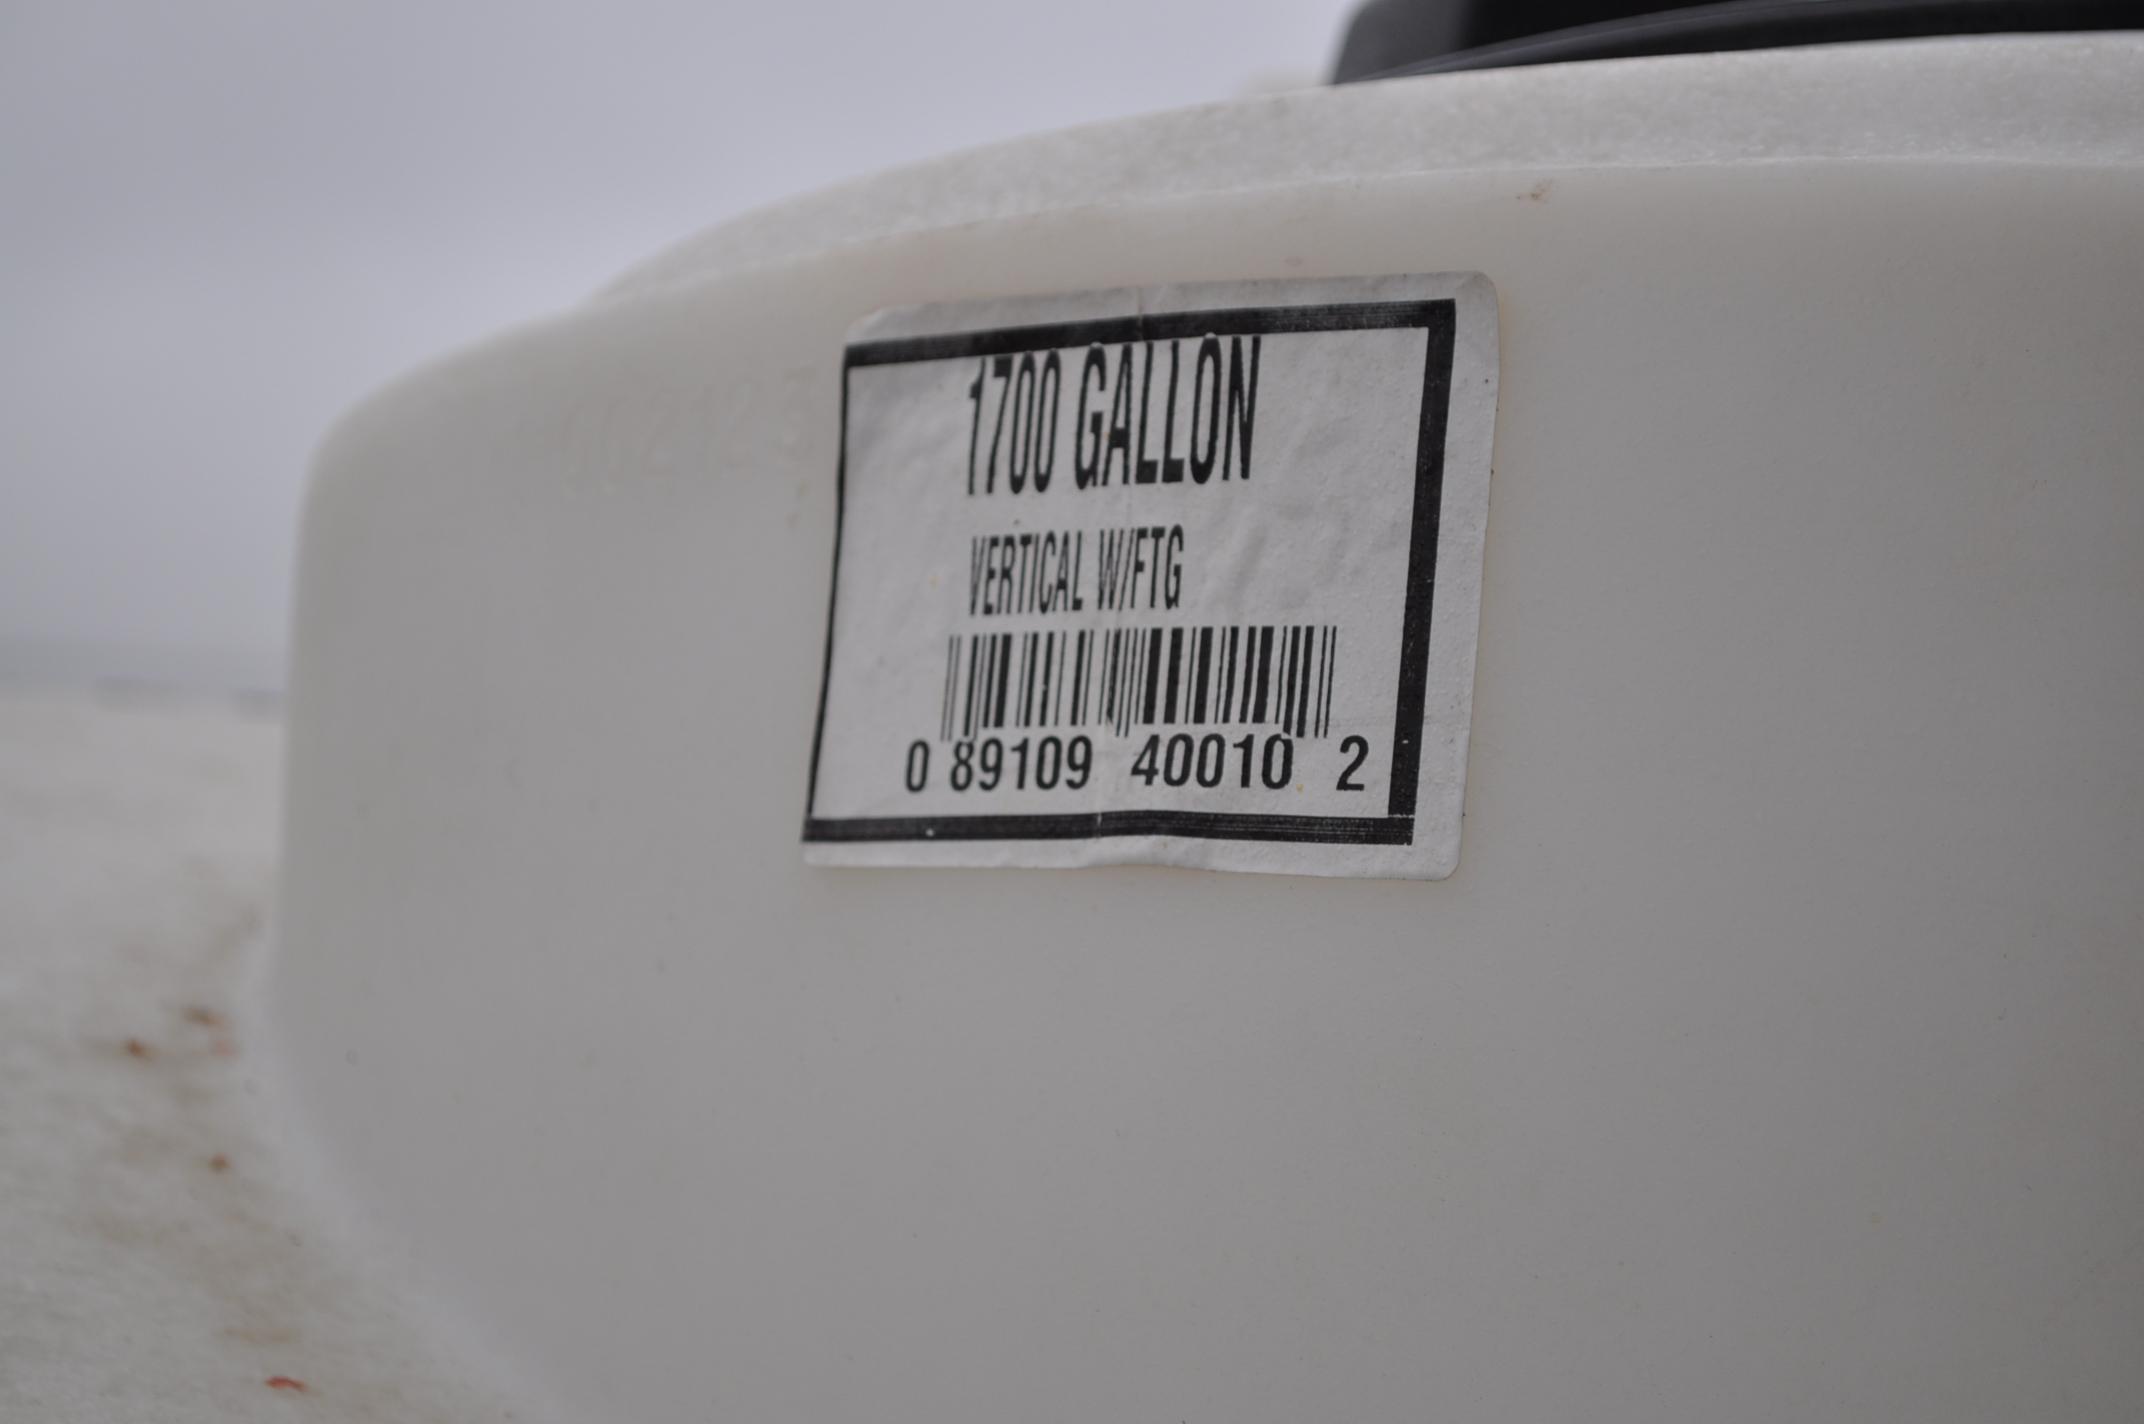 1700 gal flat bottom poly tank - Image 3 of 4